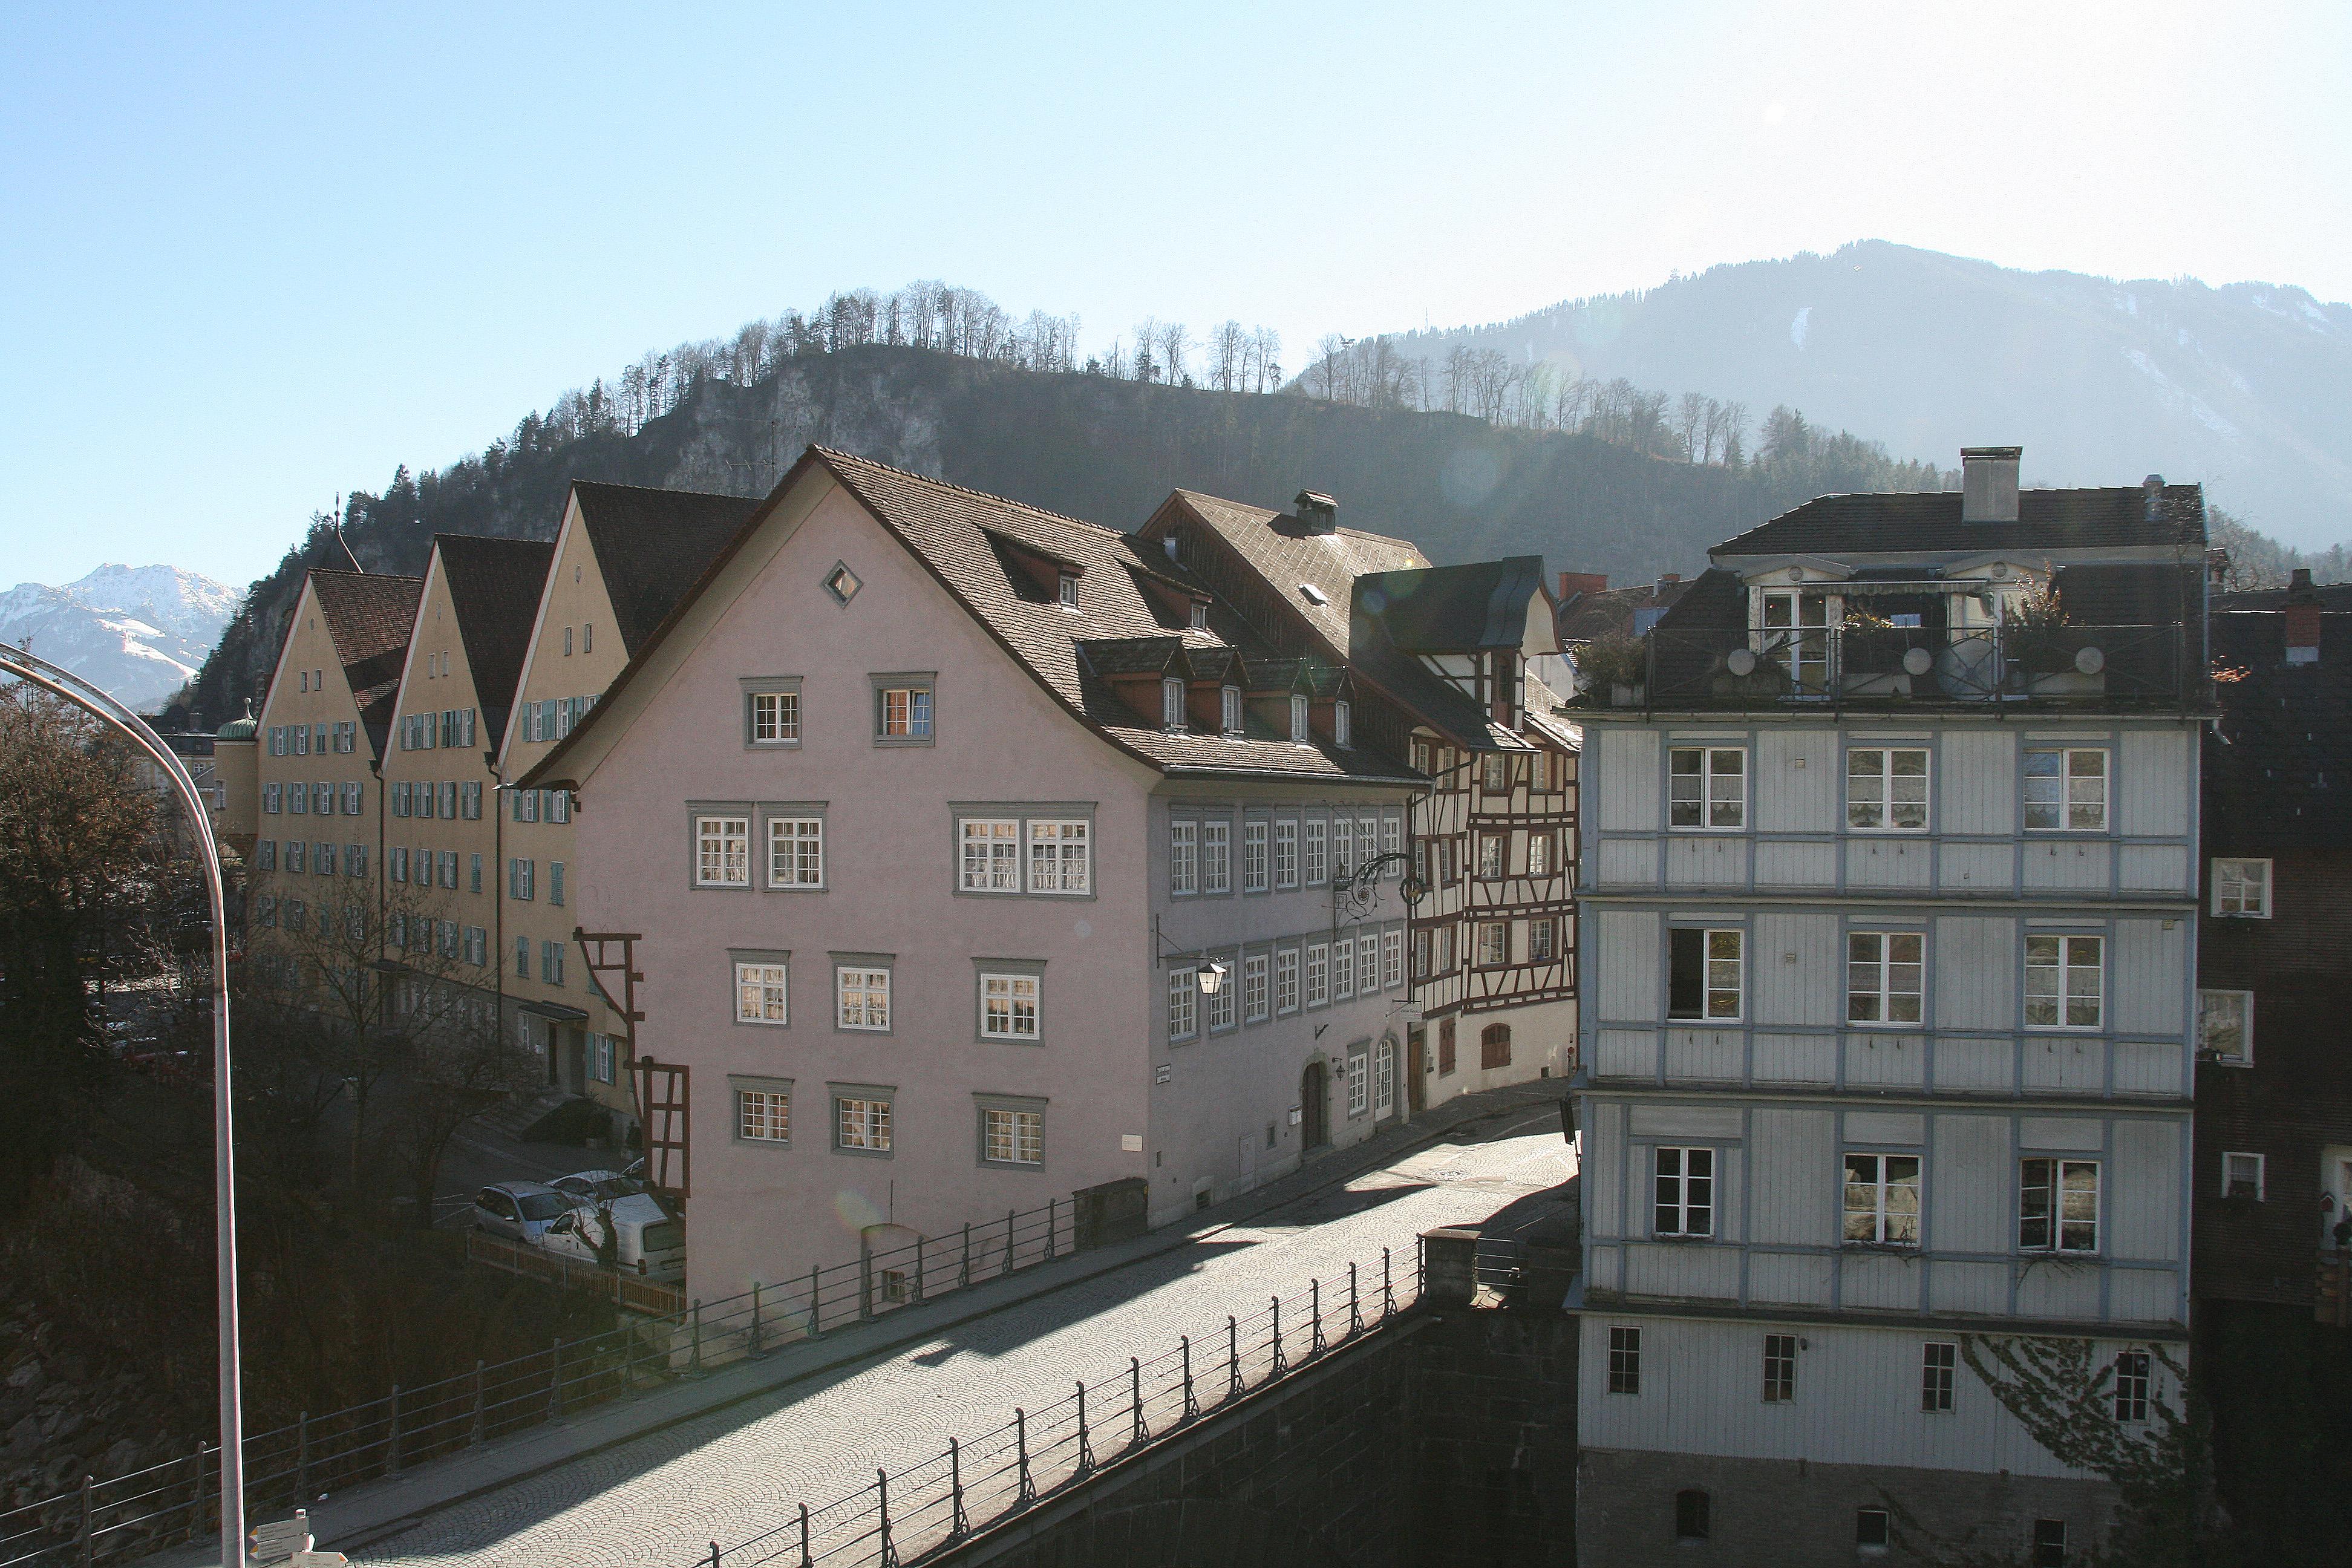 File:Liechtensteinerstraße Feldkirch.jpg - Wikimedia Commons